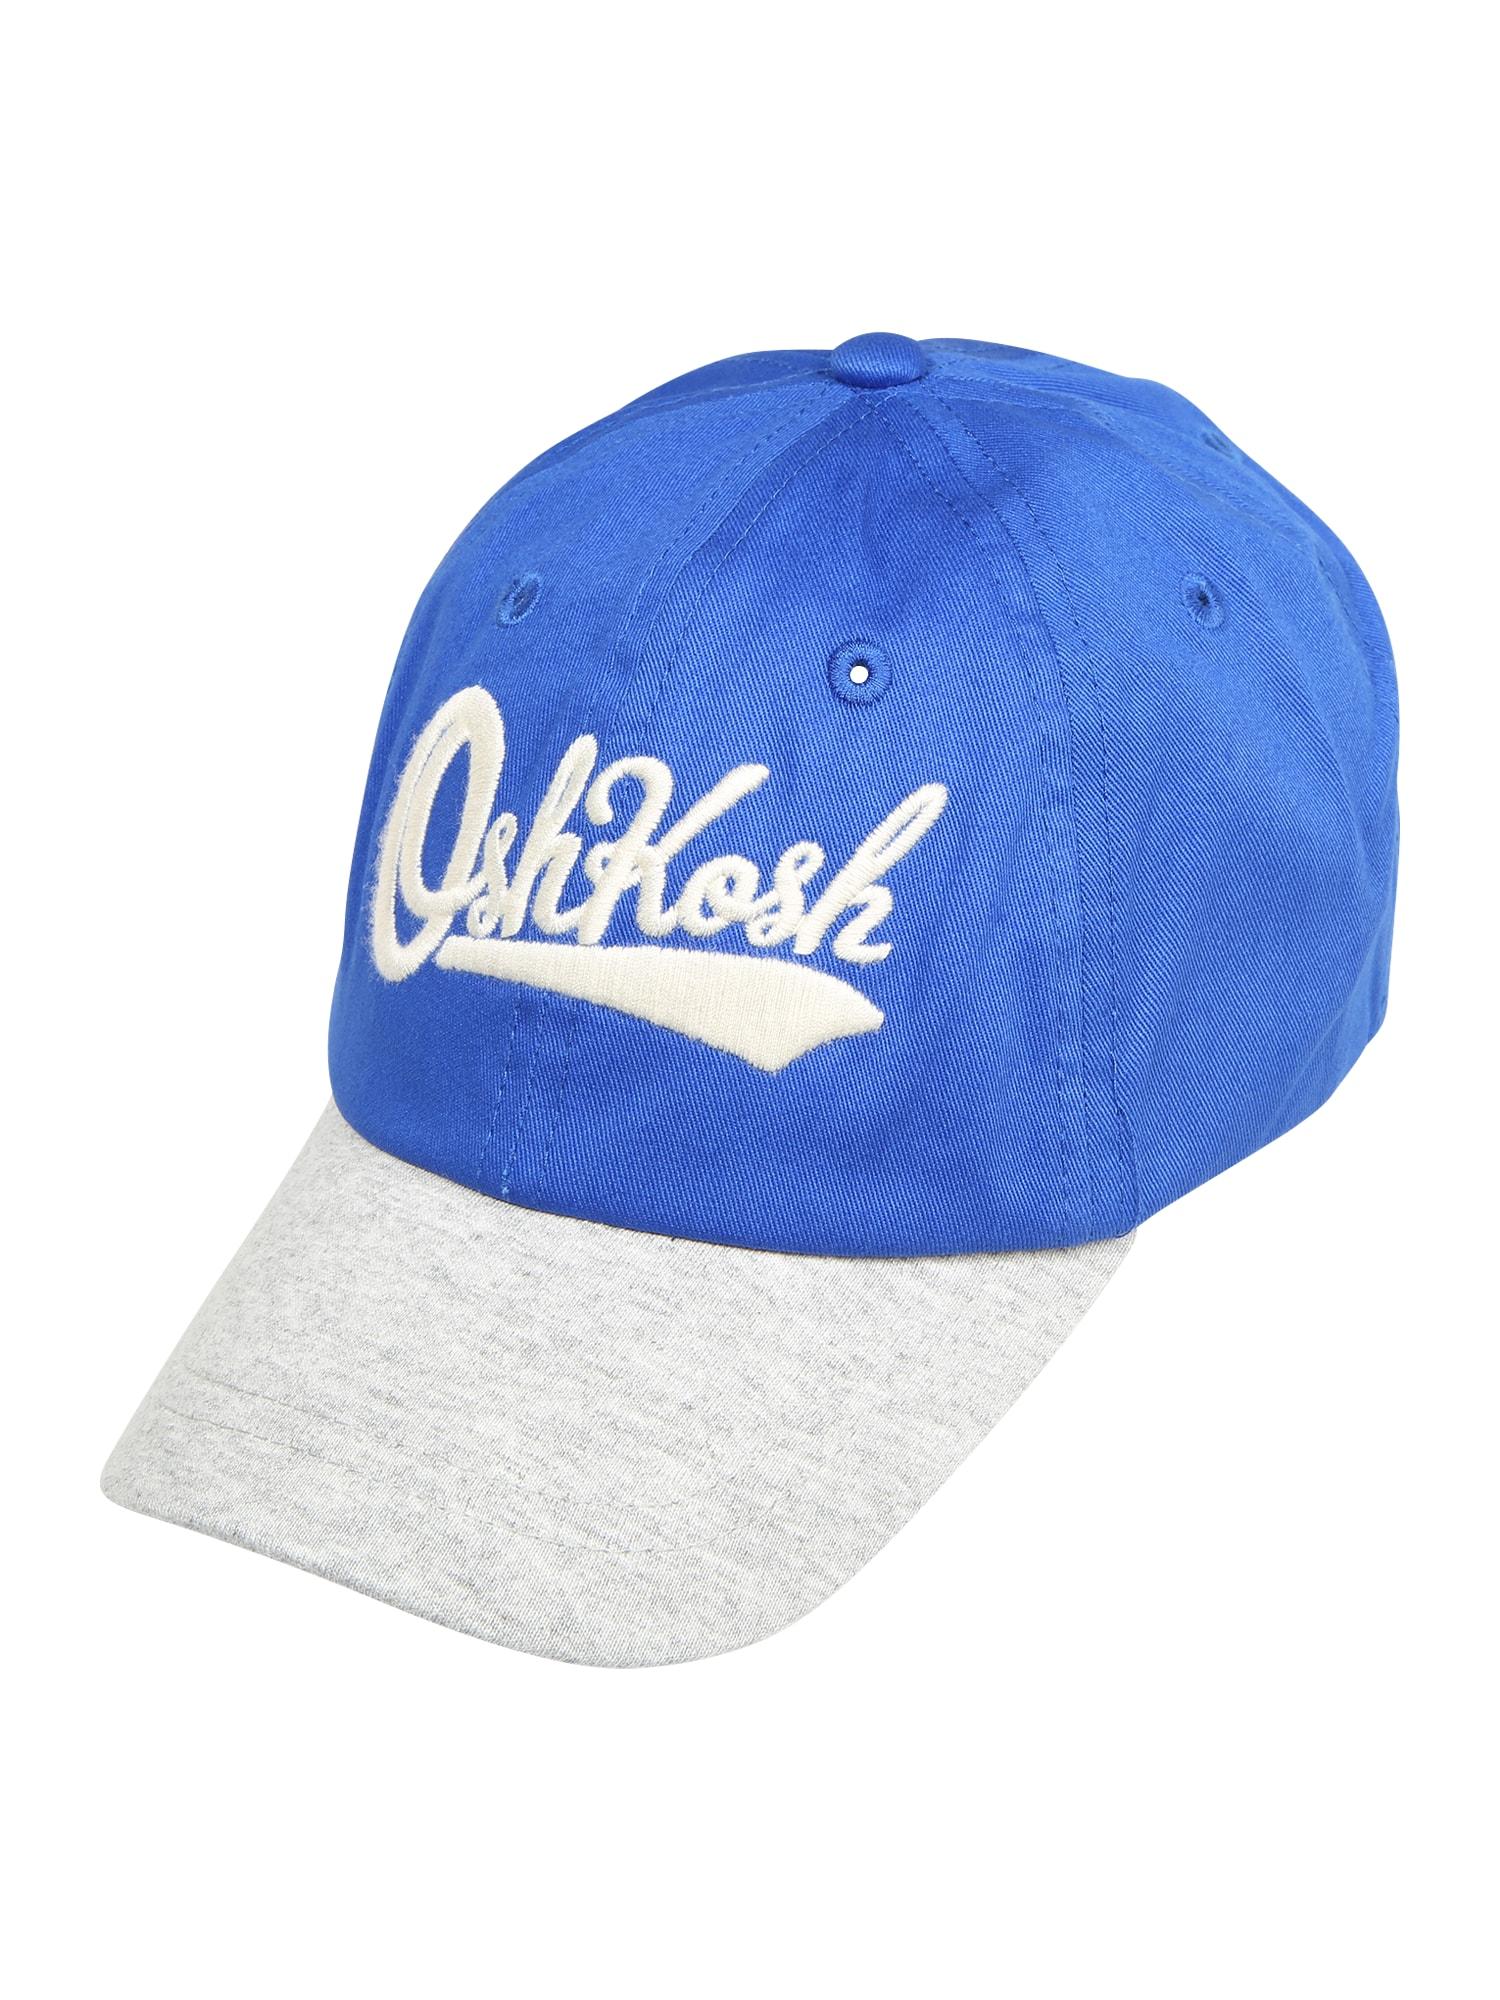 OshKosh Skrybėlaitė šviesiai mėlyna